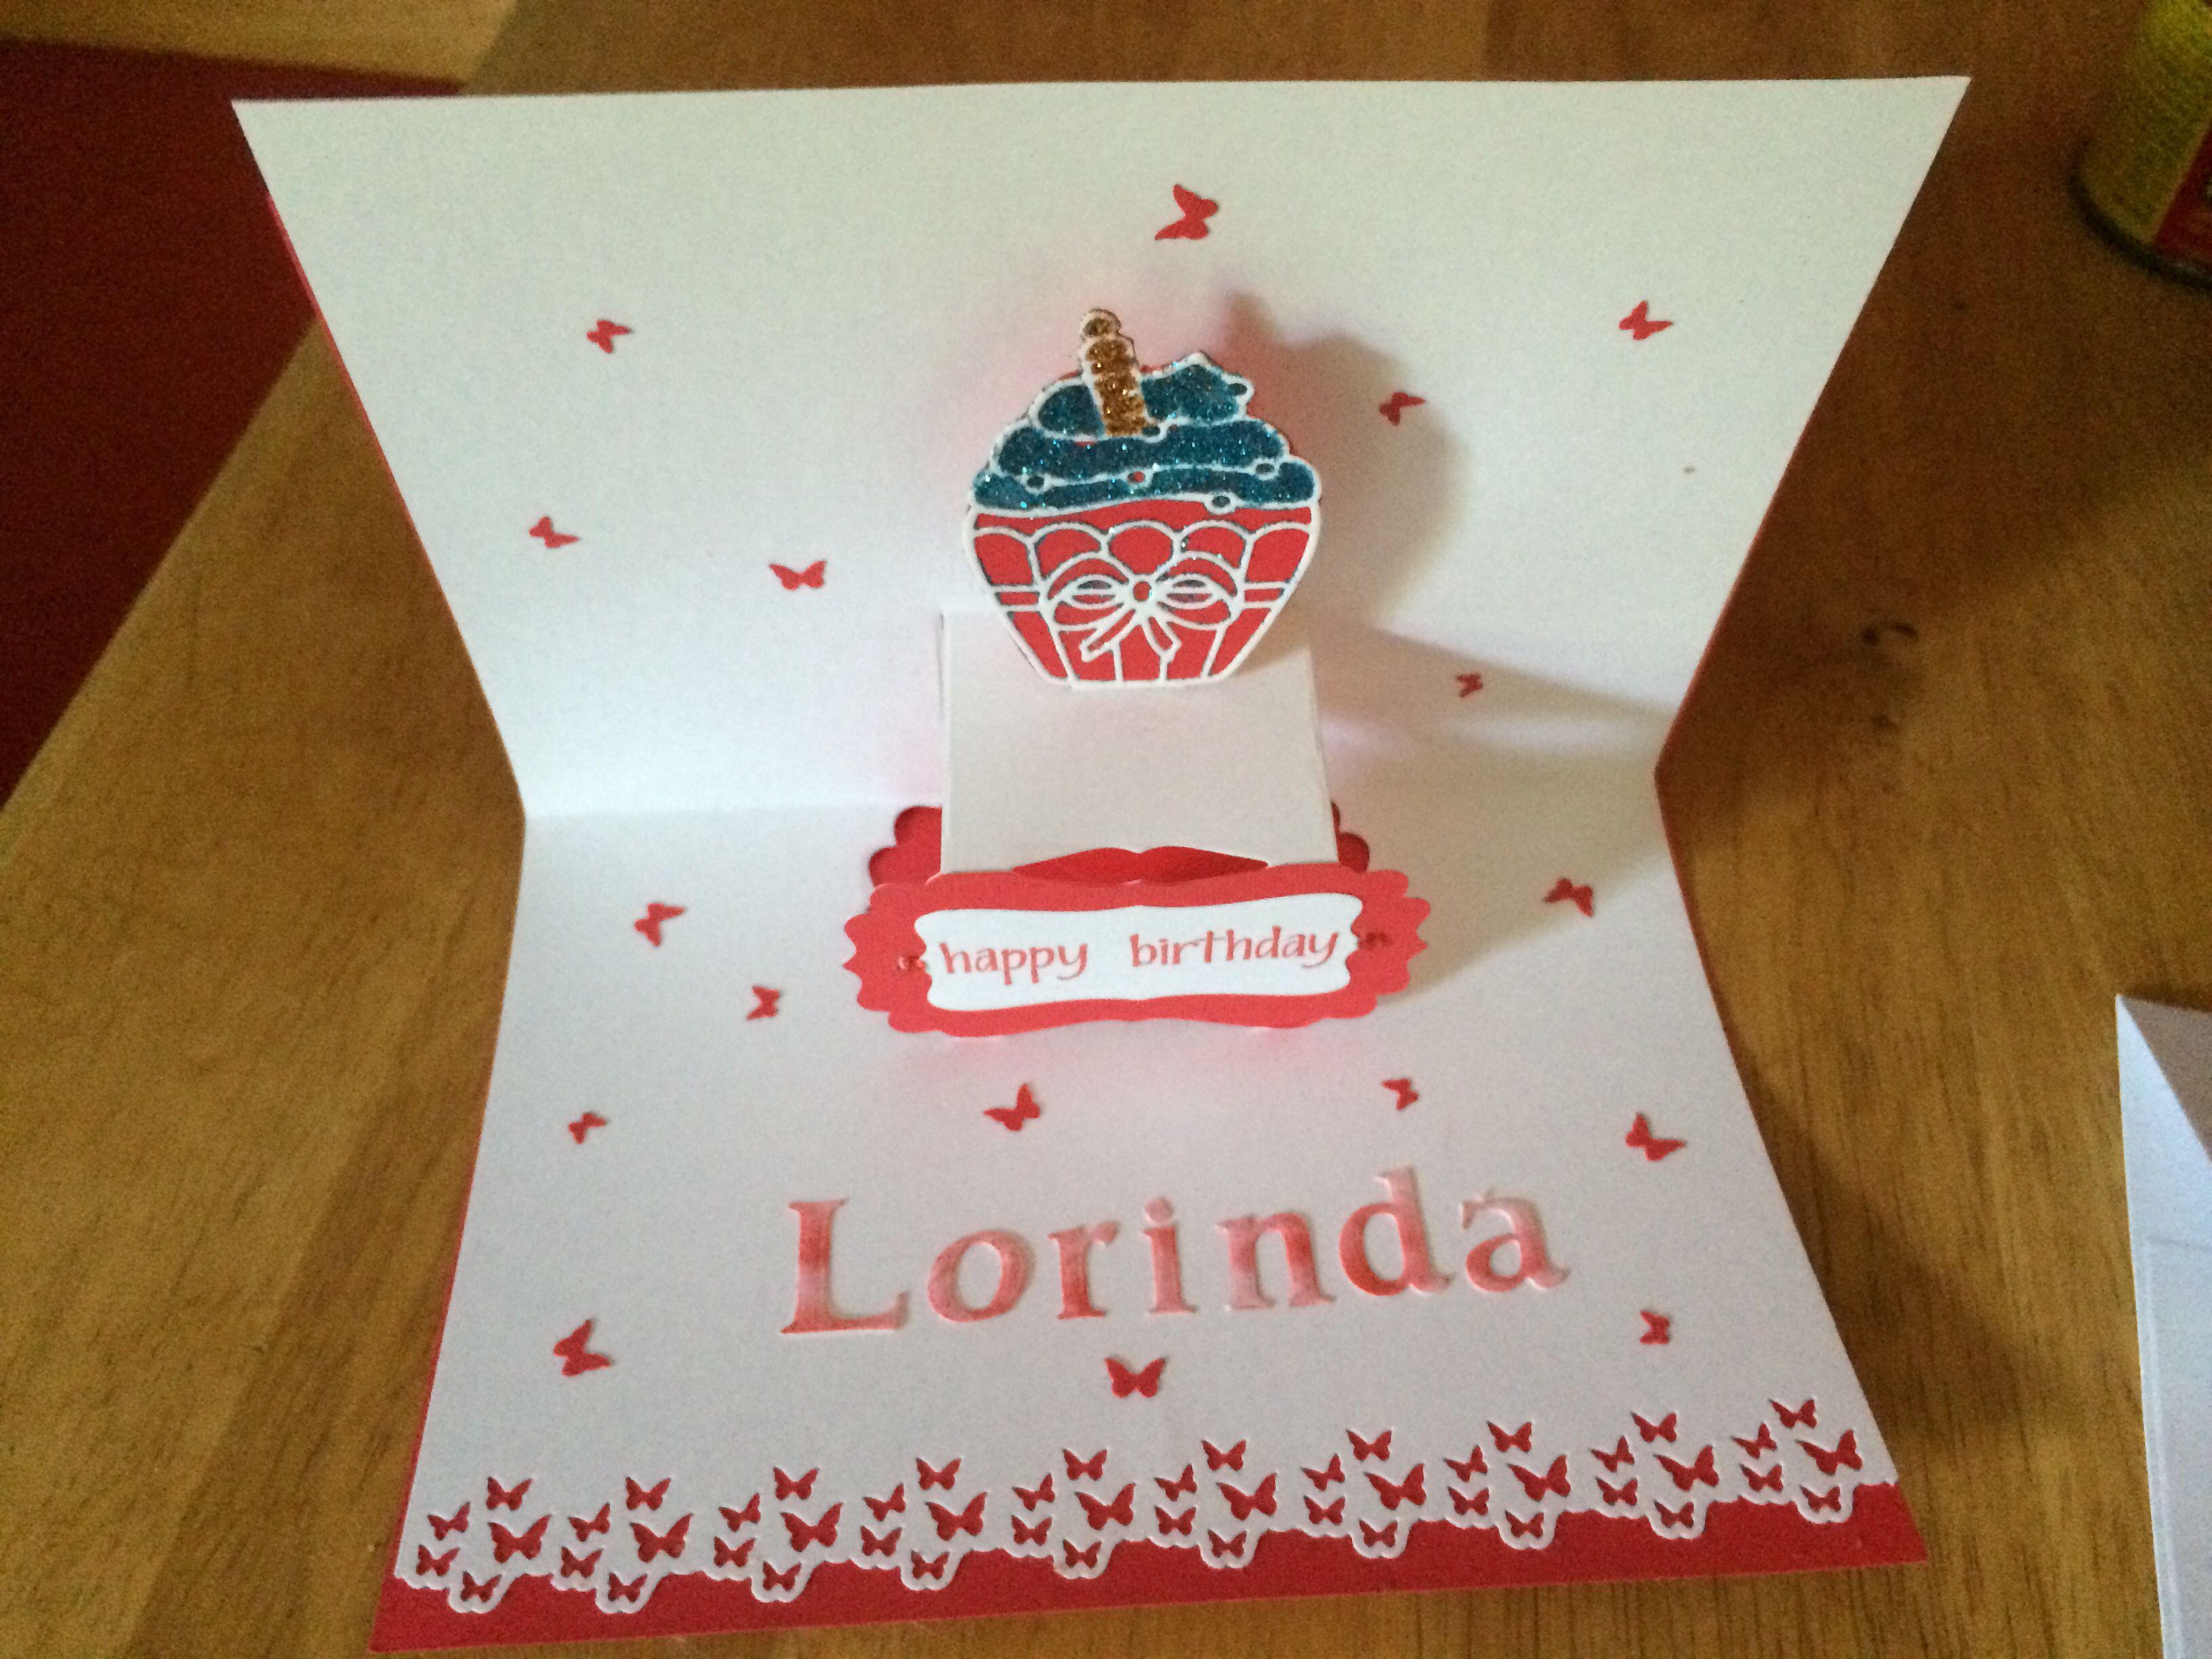 Lorinda - inside